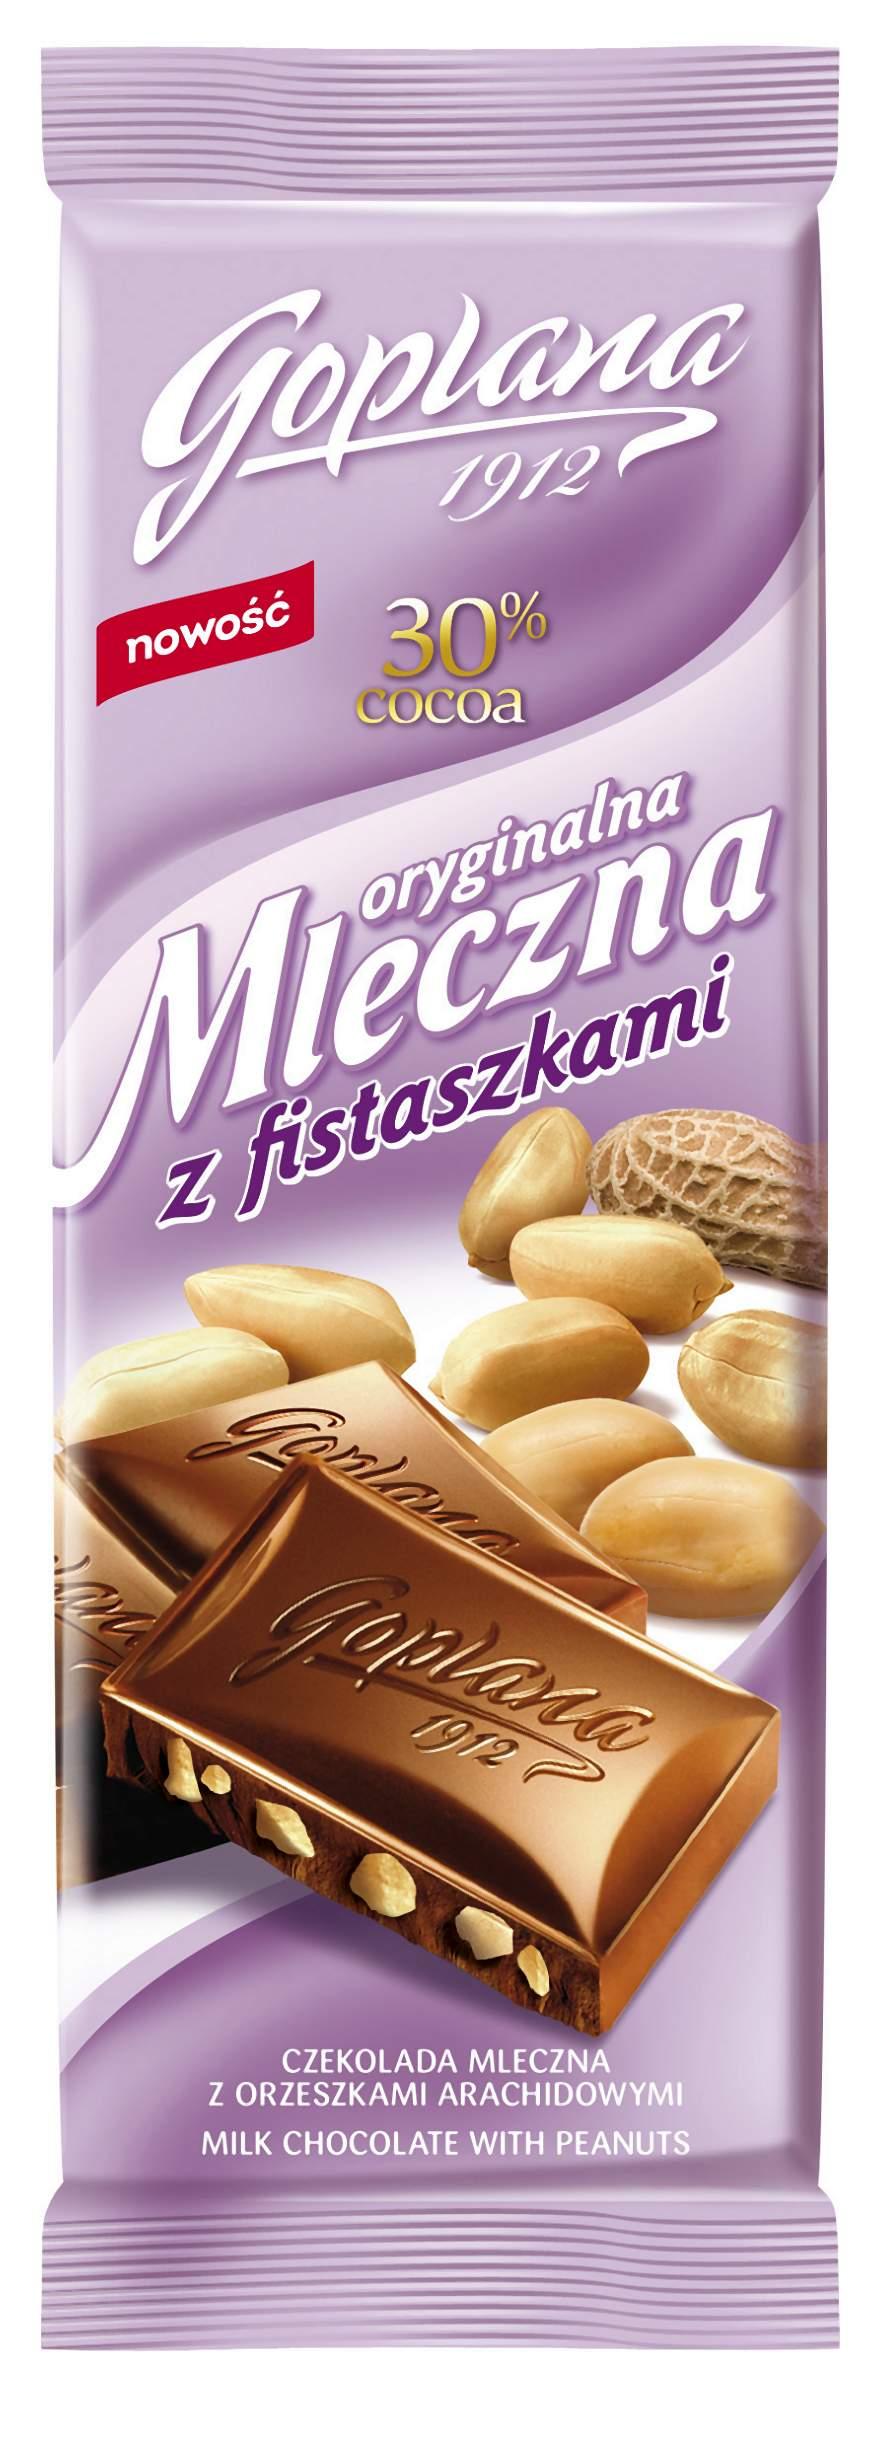 new_MLECZNA ORYGINALNA_FISTASZKI-002-2014-02-19 _ 15_32_32-75